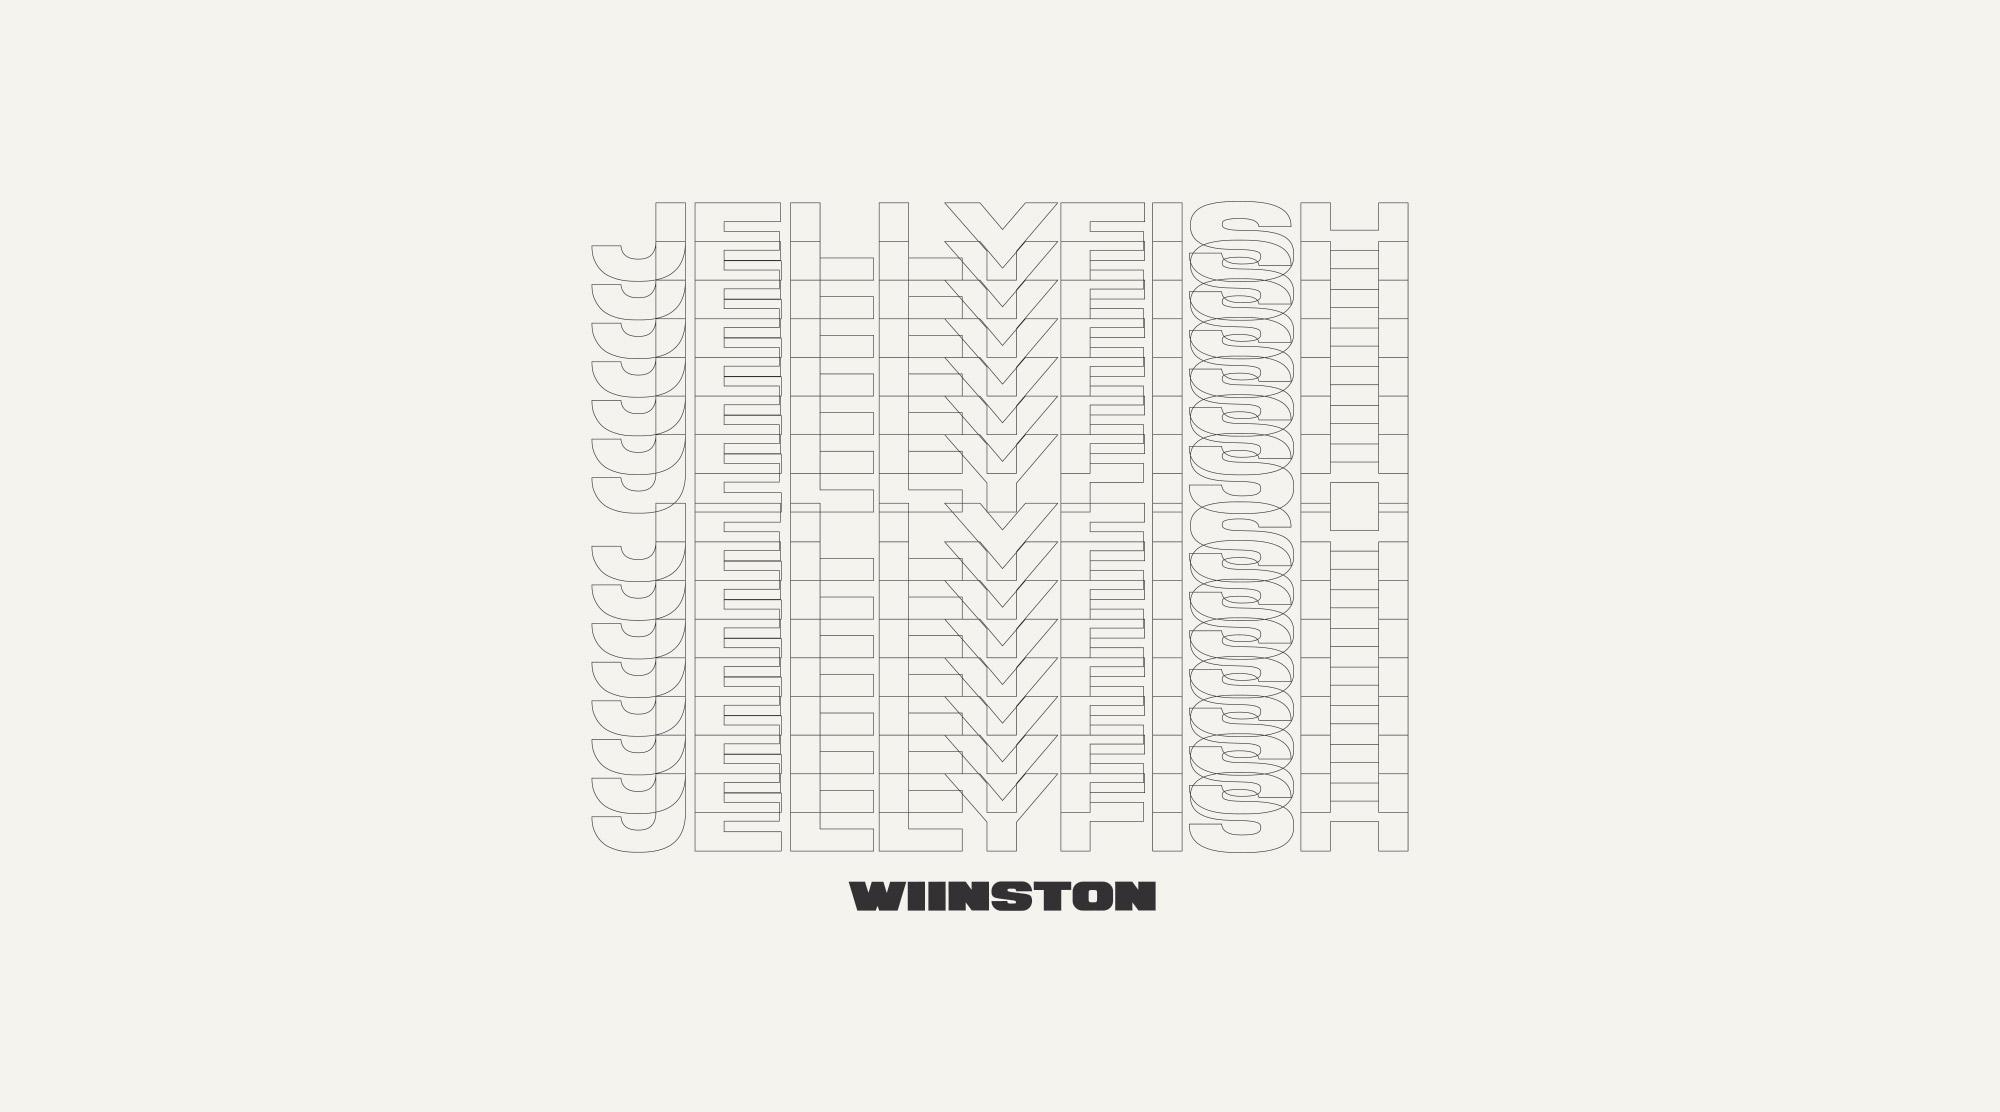 Wiinston_03